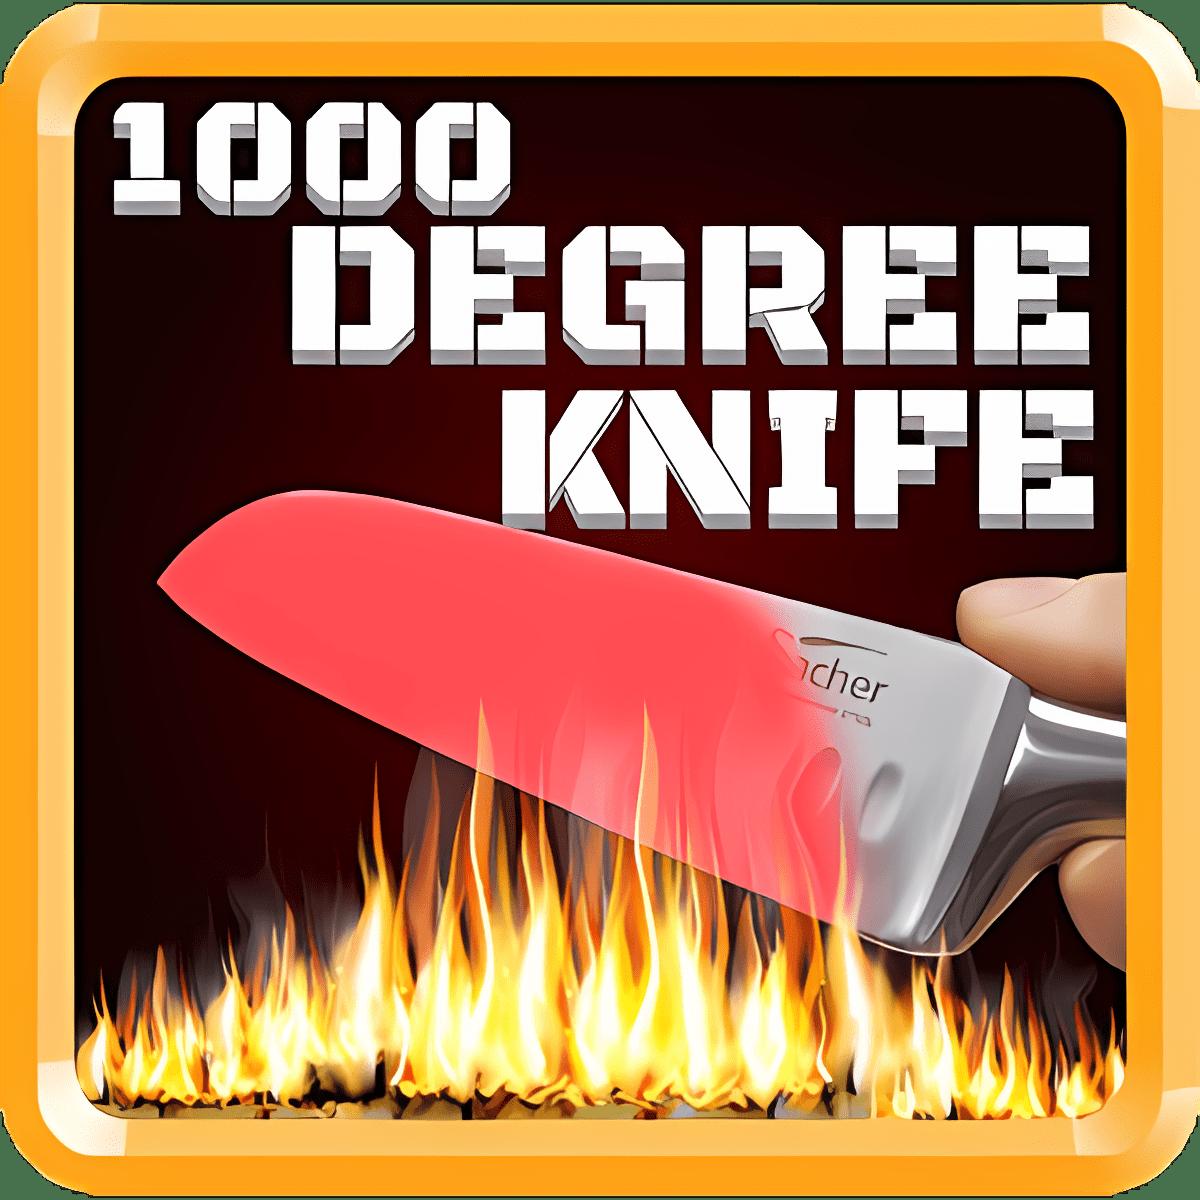 1000 Degree Knife 1.0.21